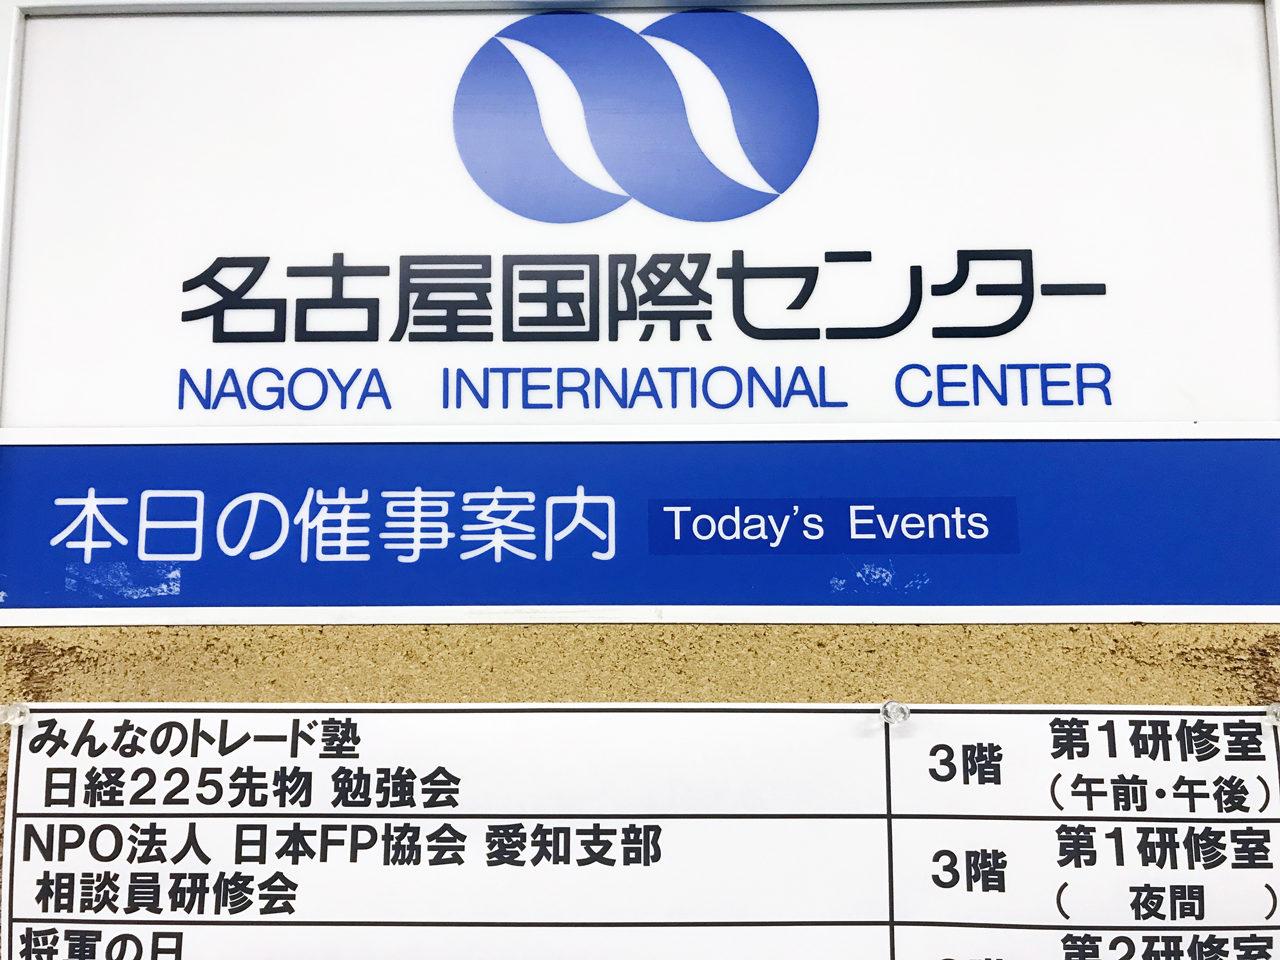 名古屋国際センターで開催された日本ファイナンシャルプランナー協会愛知支部相談員研修会の参加